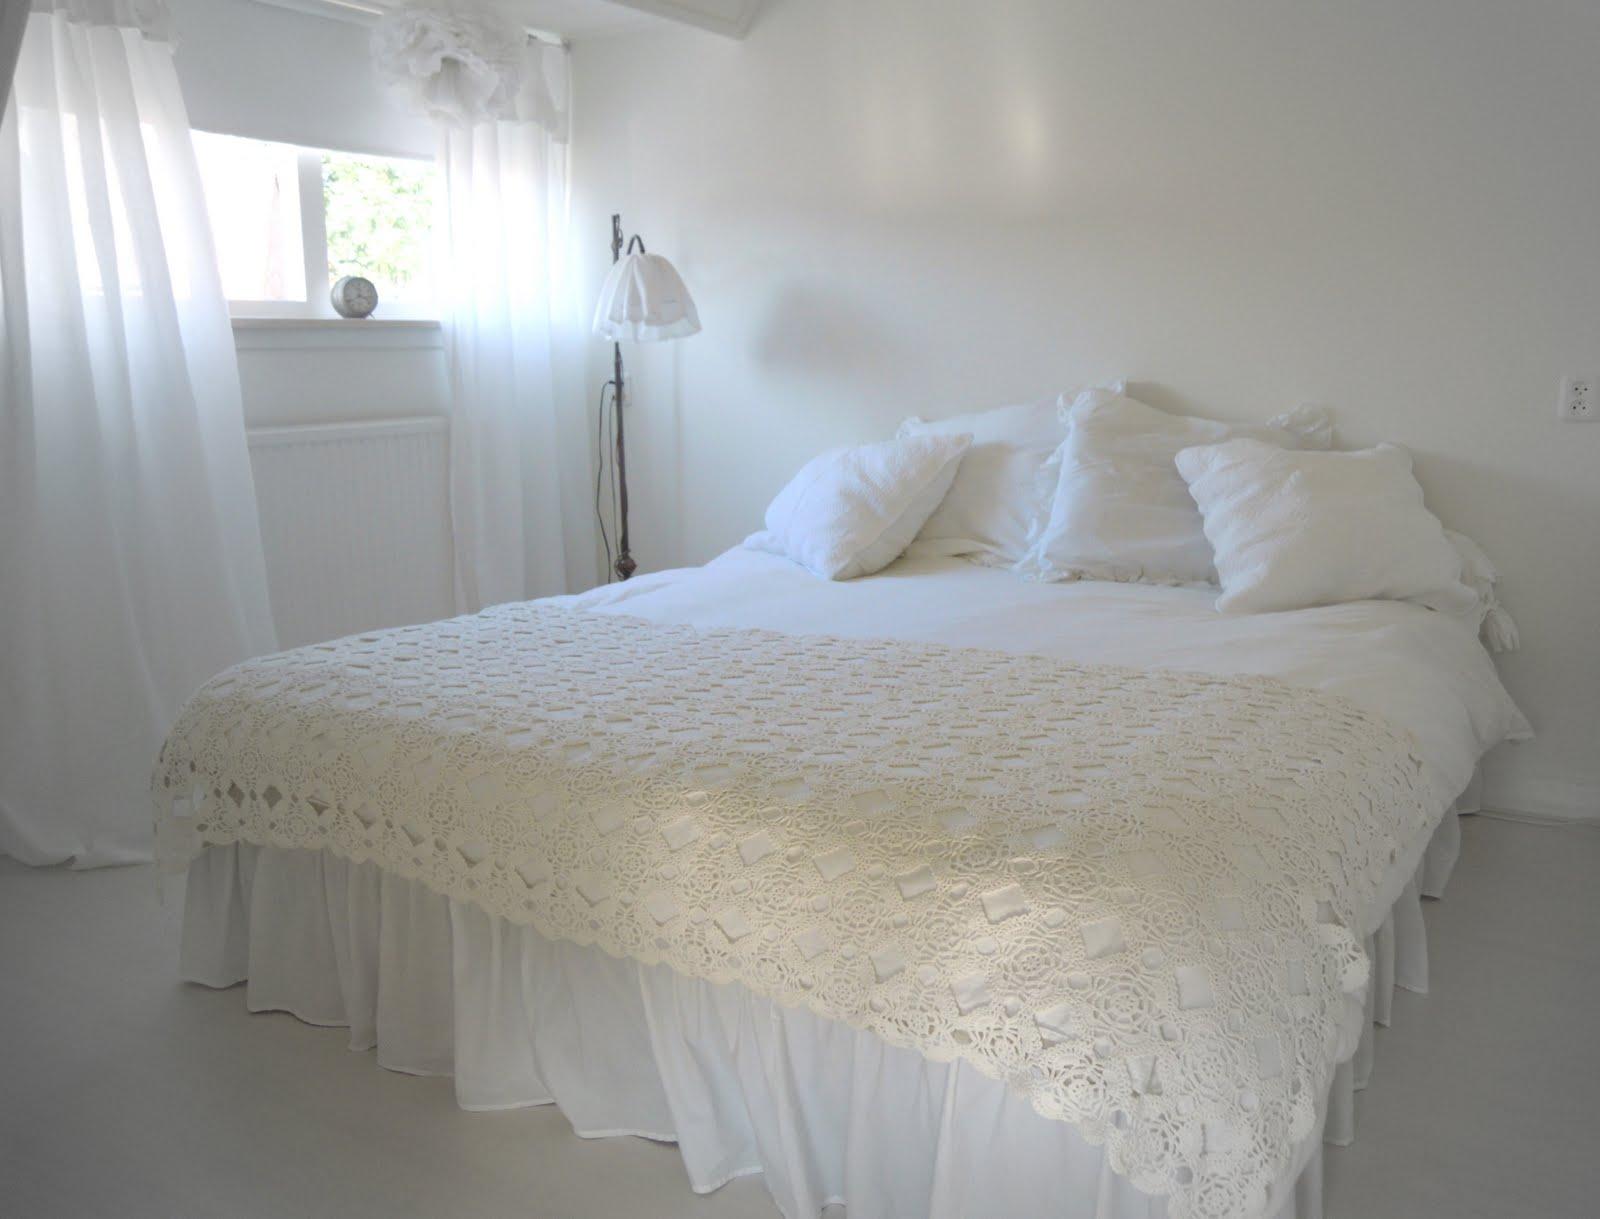 Slaapkamer accessoires zelf maken ~ [spscents.com]